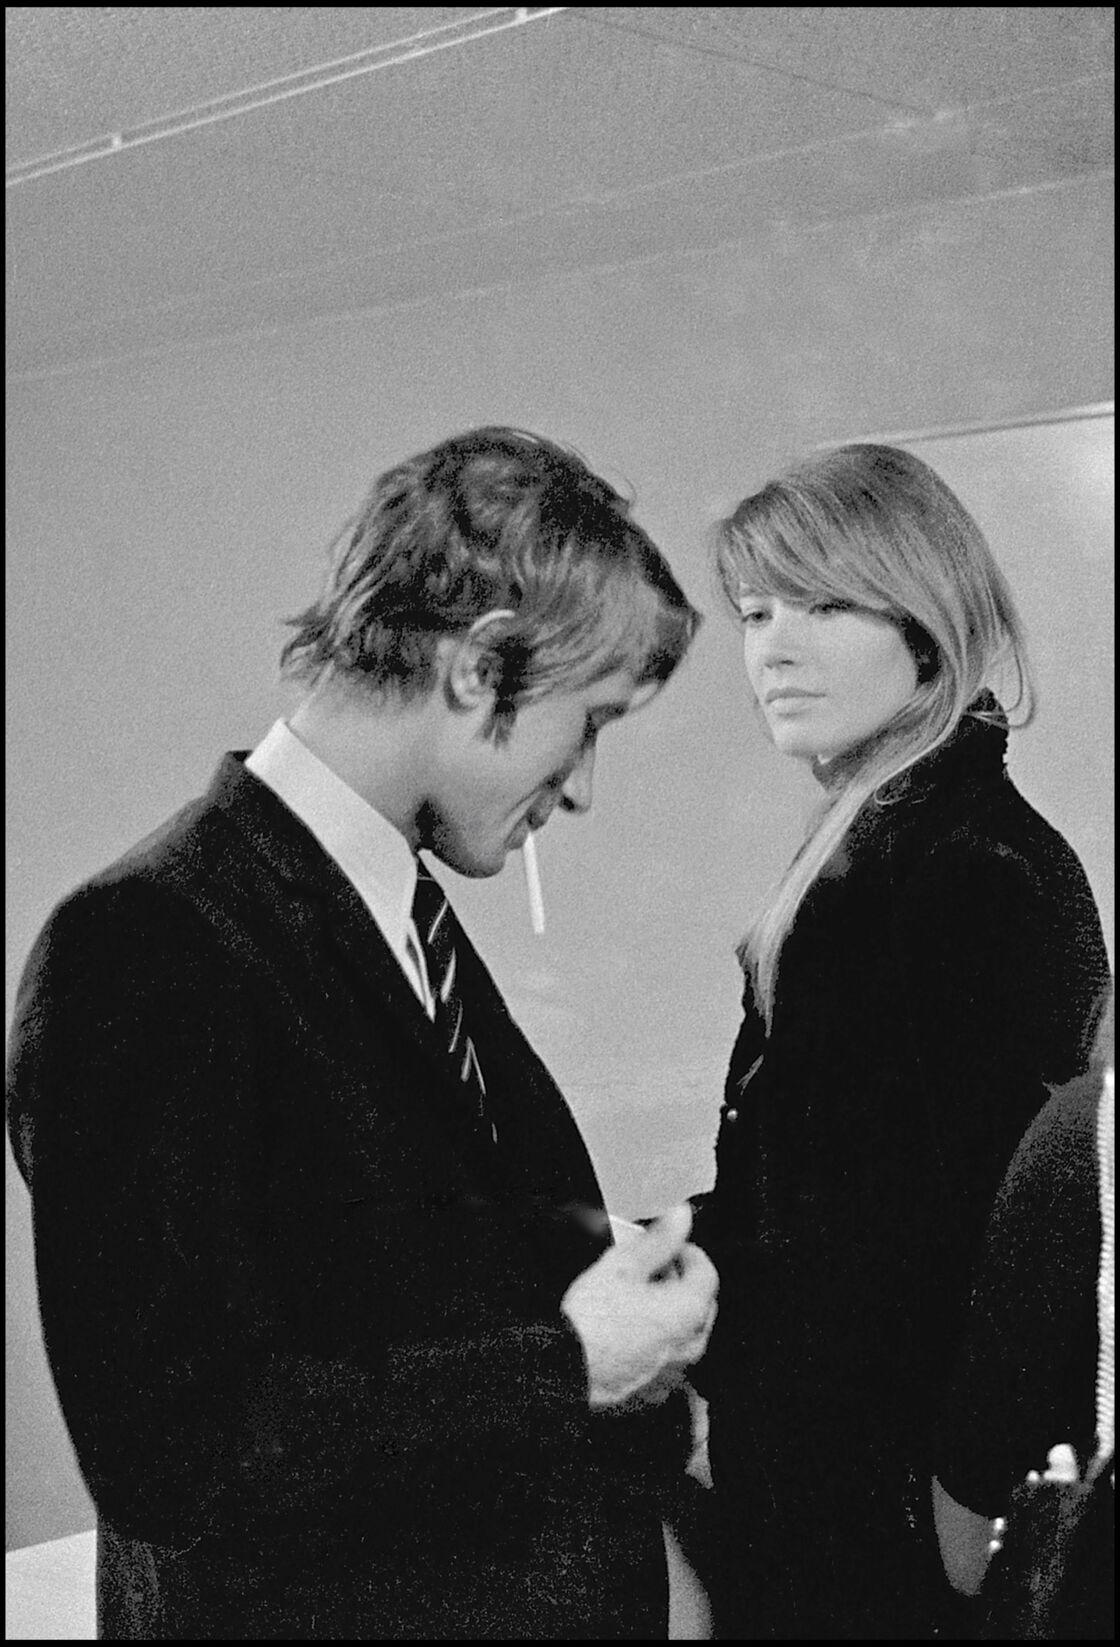 En 1967, Françoise Hardy et Jacques Dutronc lors de l'enregistrement d'une émission de télévision